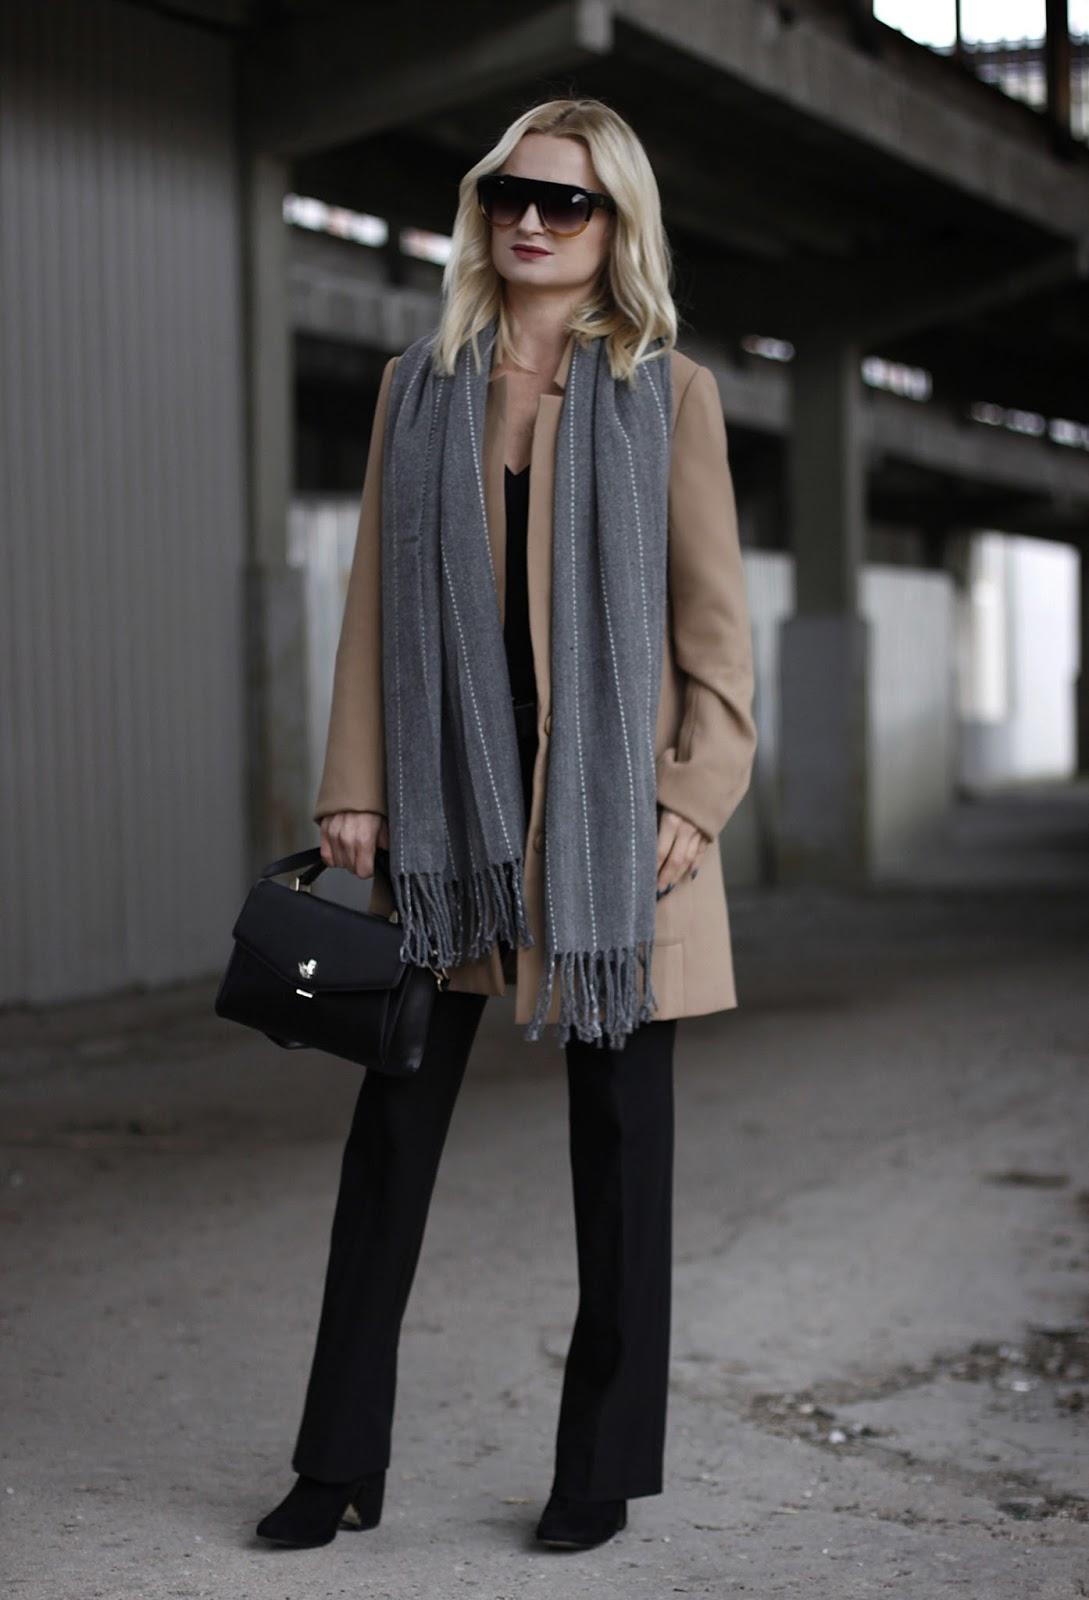 Minimalistyczna stylizacja z beżowym płaszczem